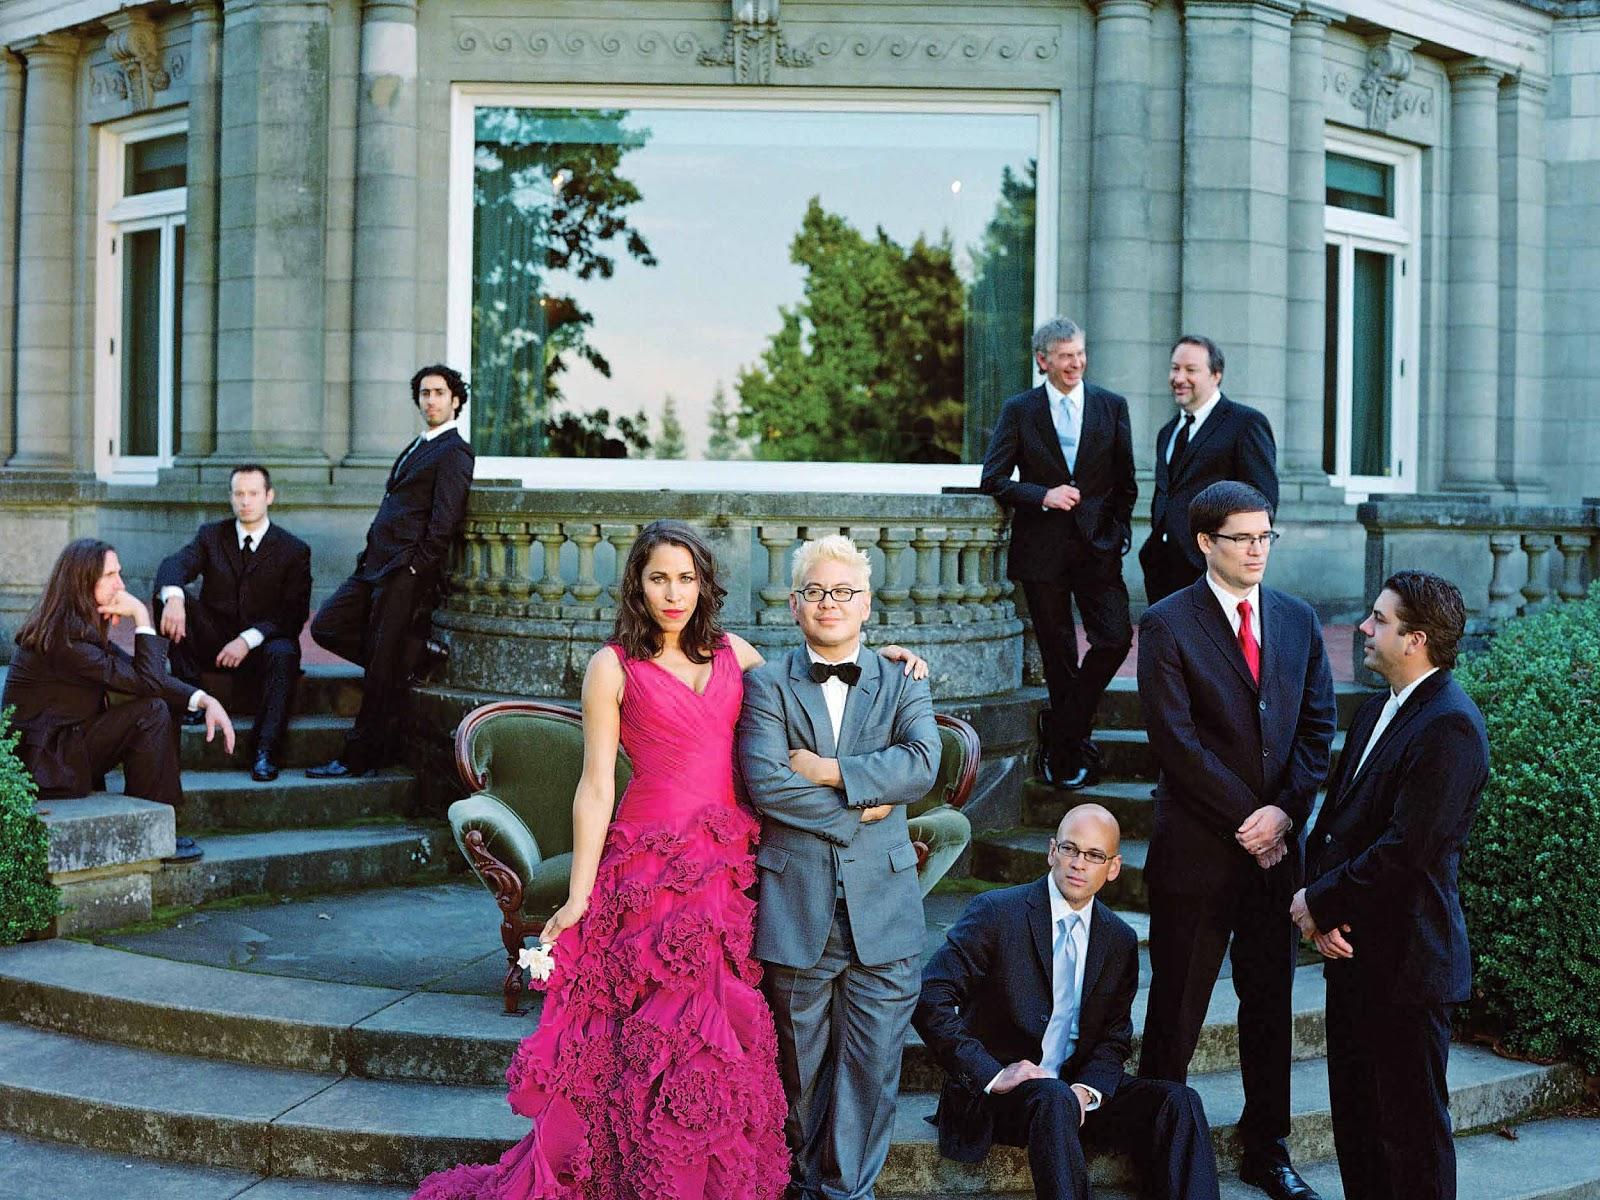 http://2.bp.blogspot.com/-Q9aOftDWbz8/UJhe5fboP0I/AAAAAAACmp4/HoKbcz33HZQ/s1600/Pink+Martini+Joy+to+the+World.jpg